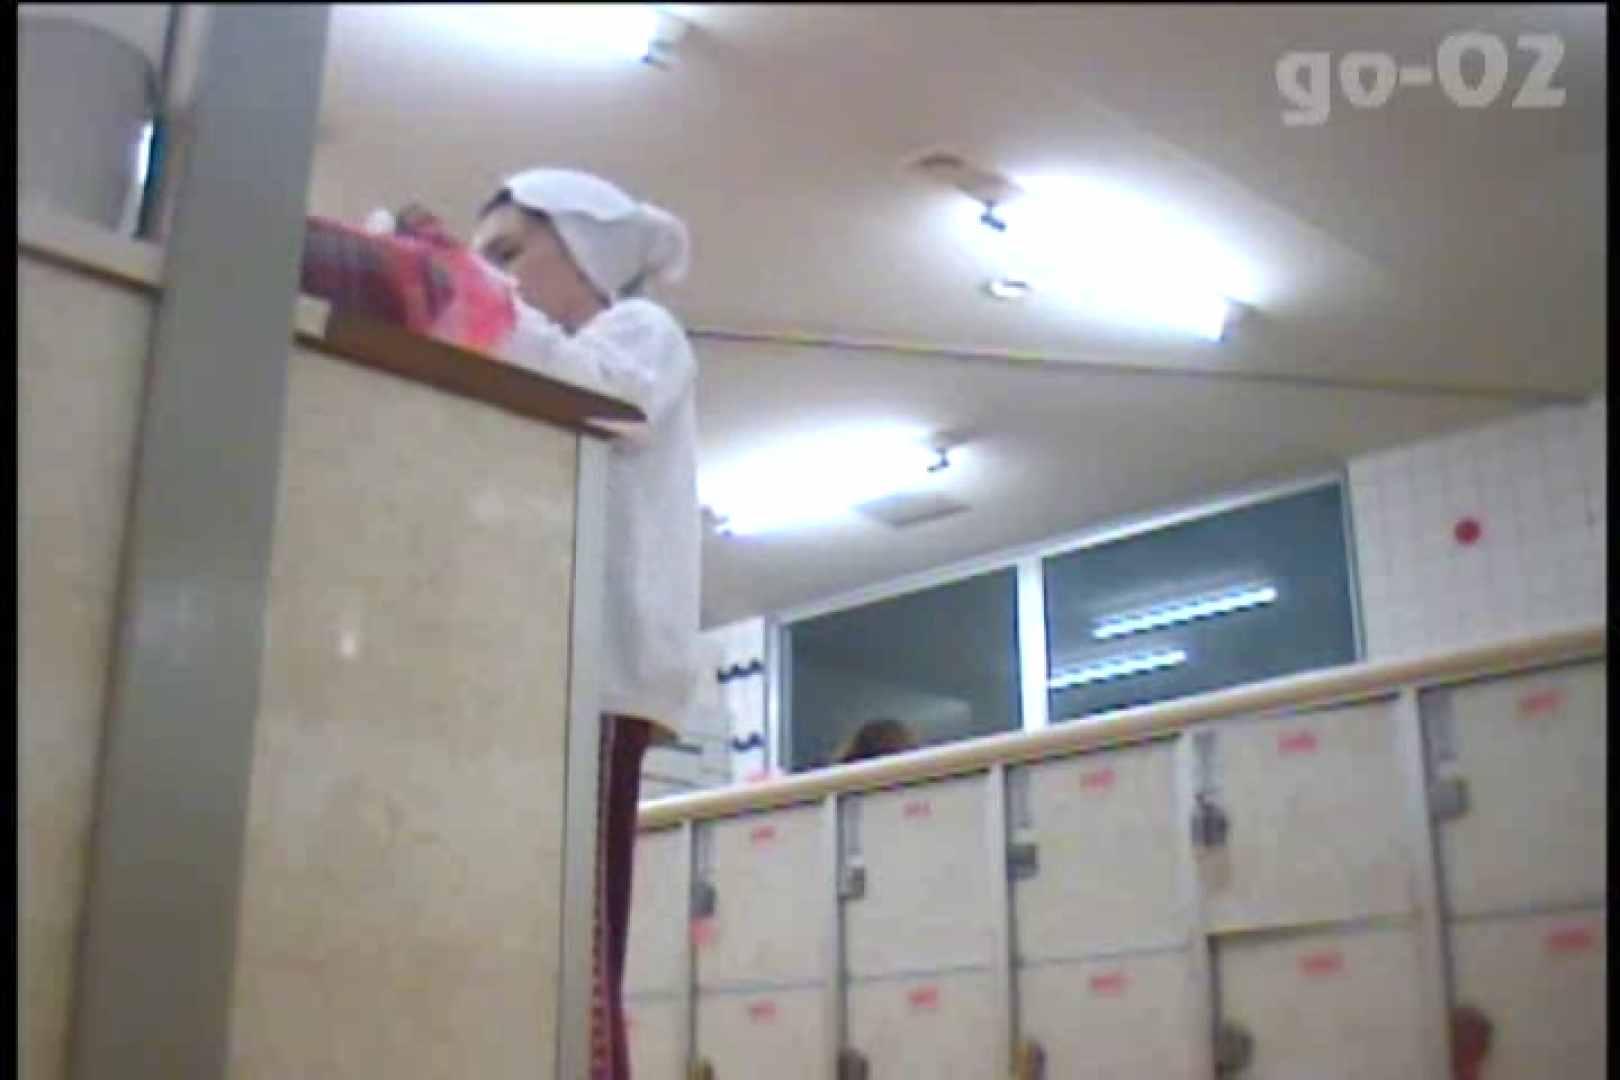 電波カメラ設置浴場からの防HAN映像 Vol.02 OL | チラ  88連発 60